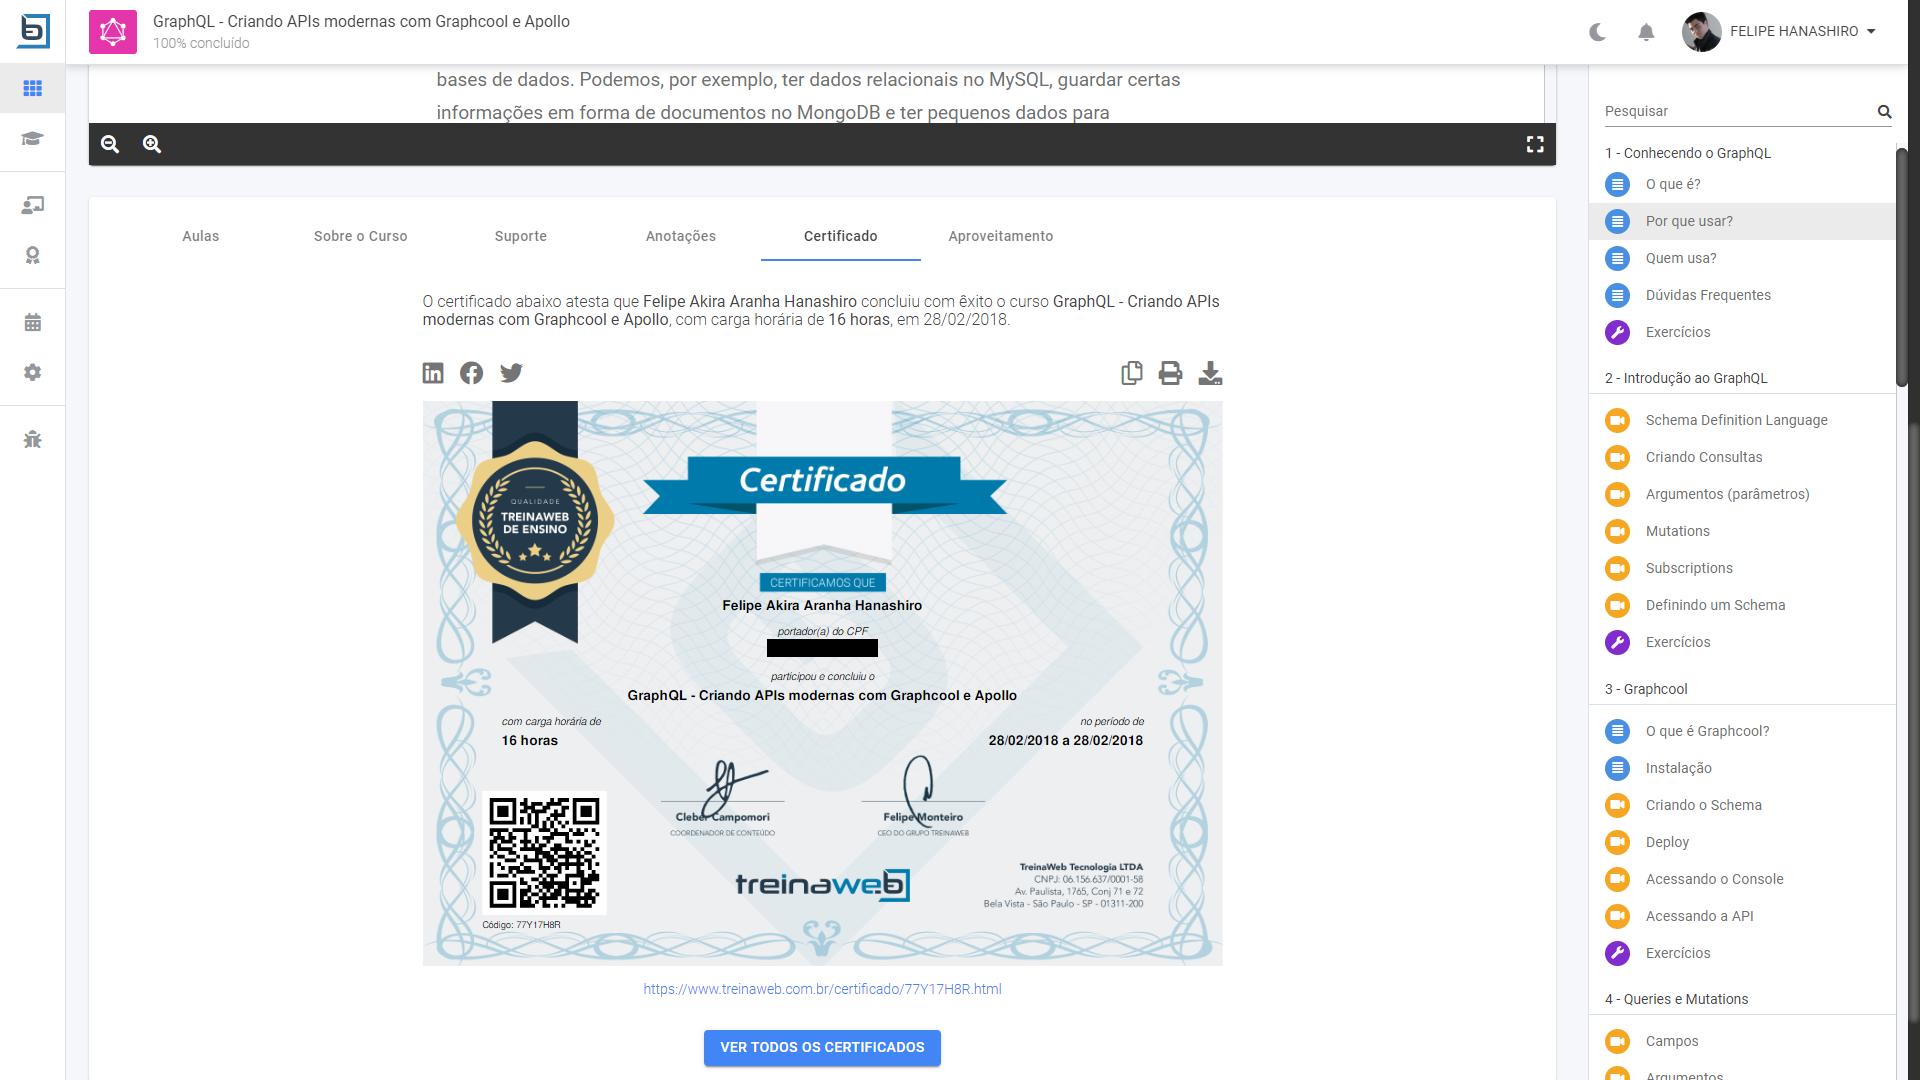 Tela de compartilhamento de certificados